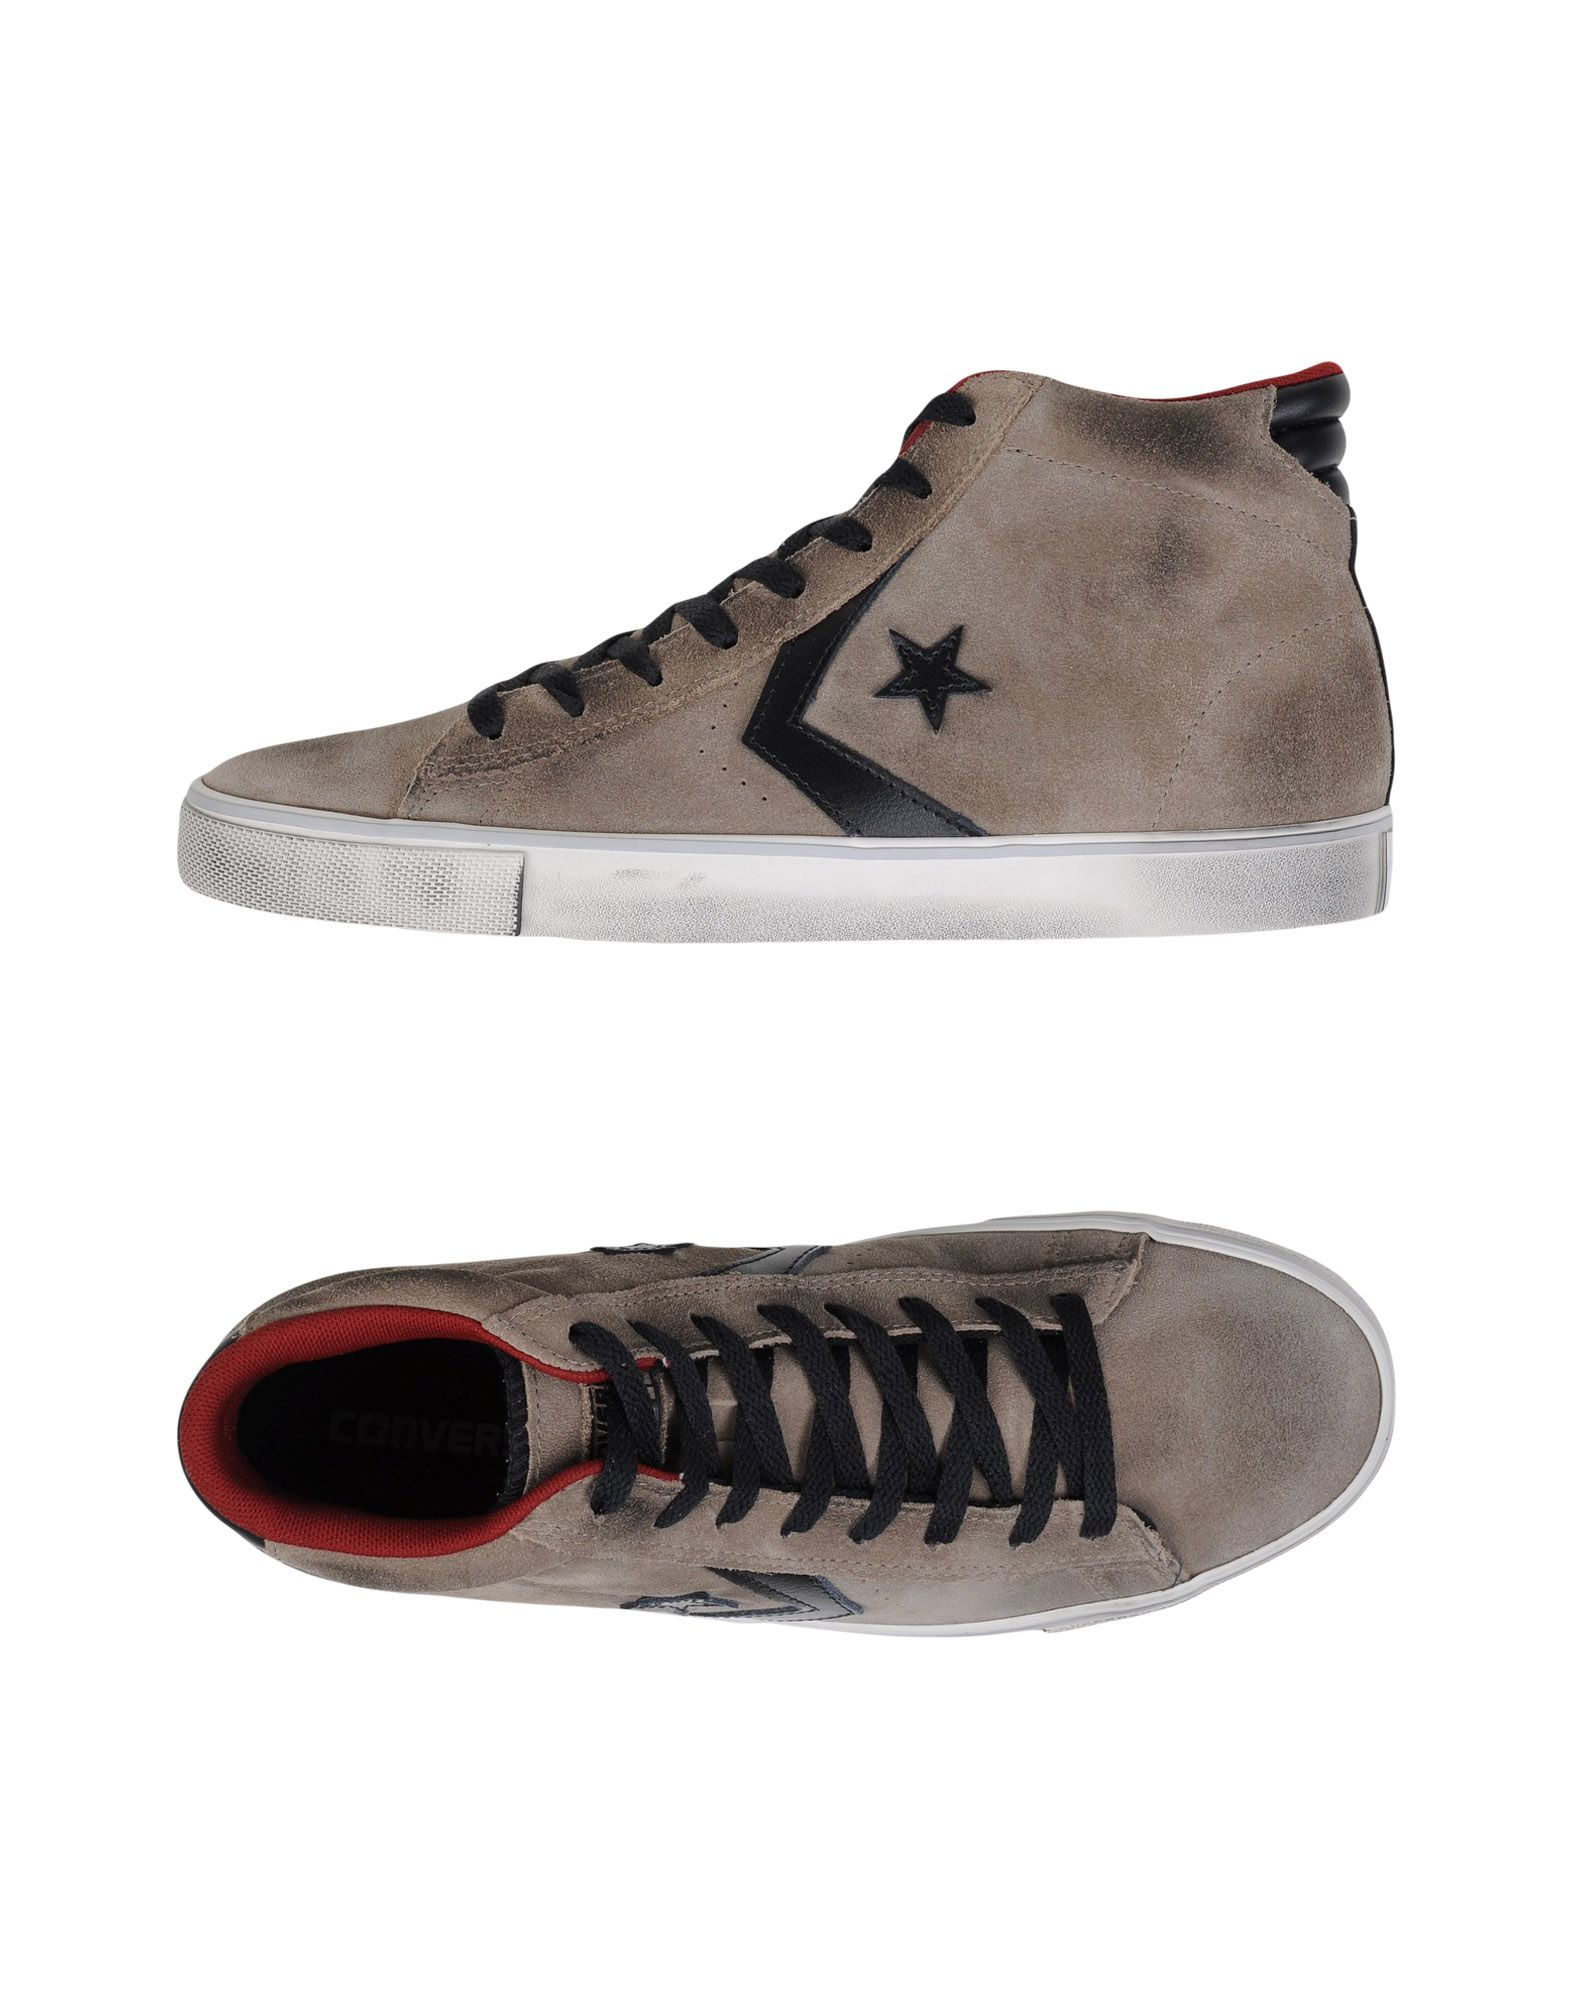 Scarpe da Ginnastica Converse Cons Pro Leather Uomo Vulc Mid Suede/Lea - Uomo Leather - 11113807CO 3b58b2